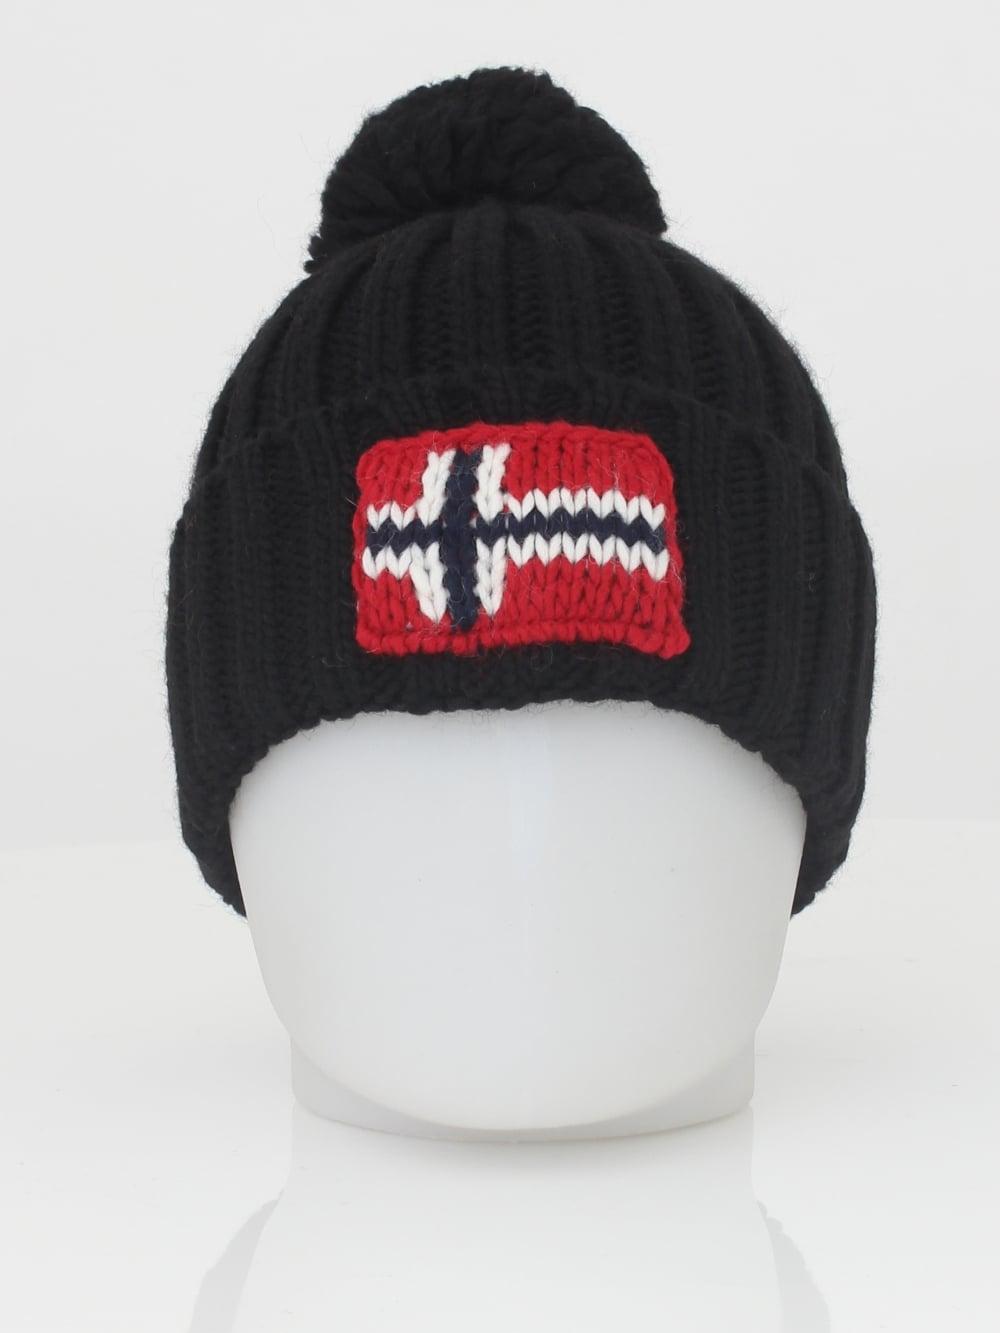 833f64d9605 Napapijri Semiury Hat in Black - Northern Threads